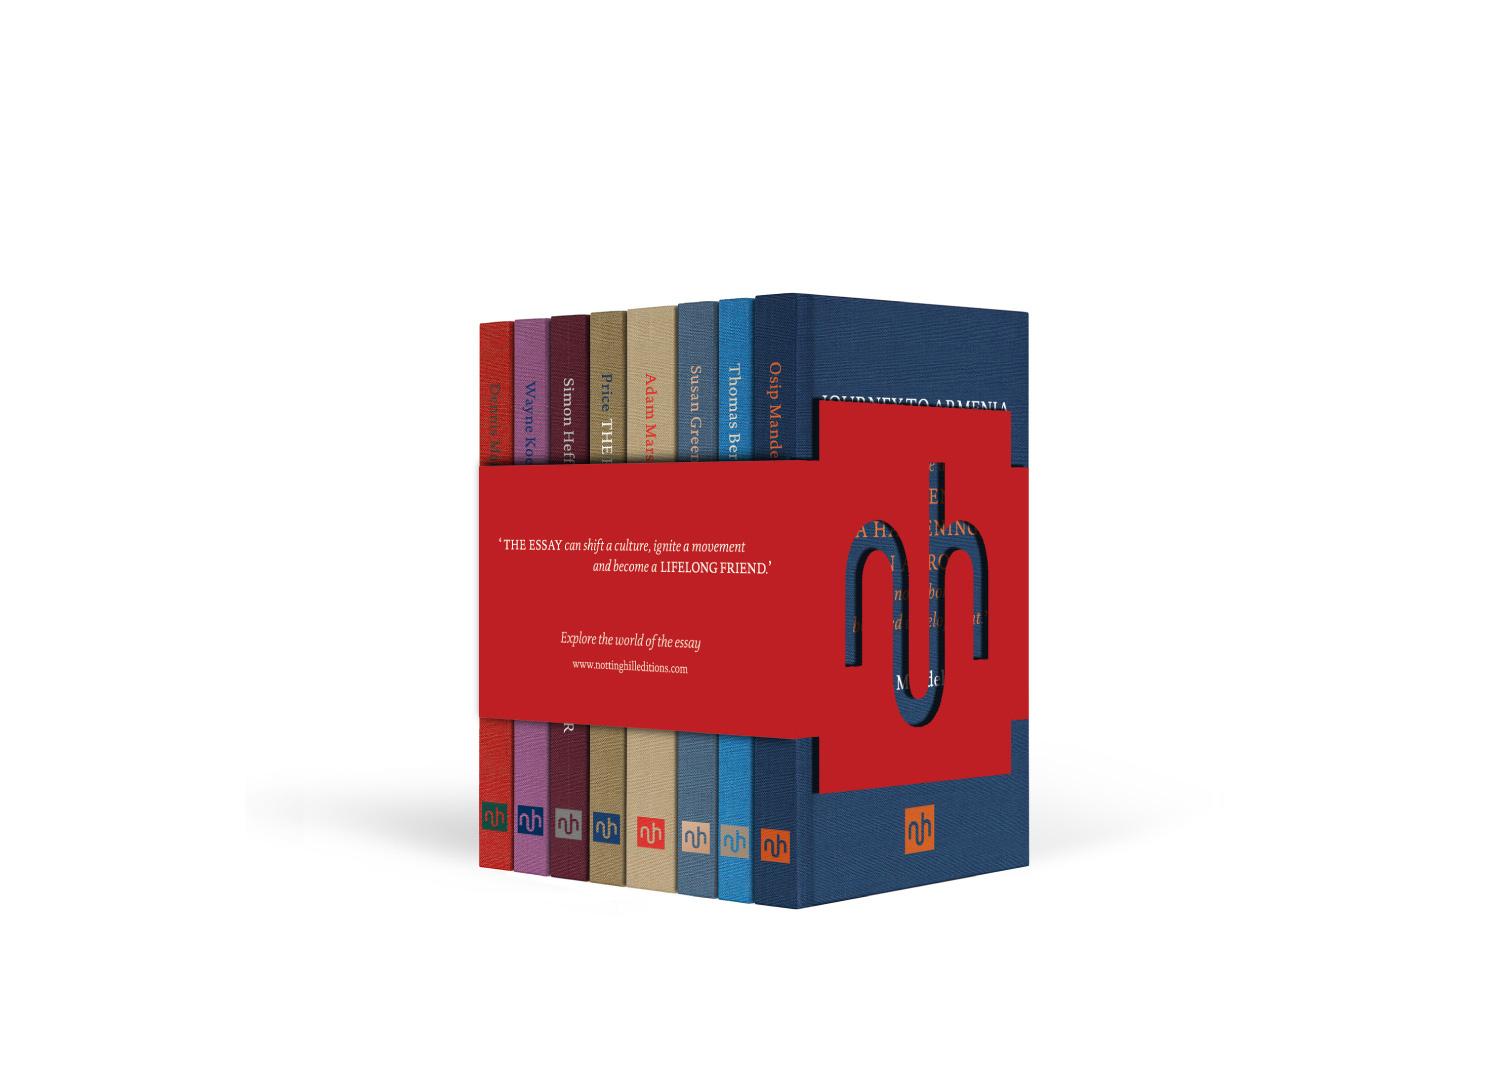 NHE_books_box3_1500